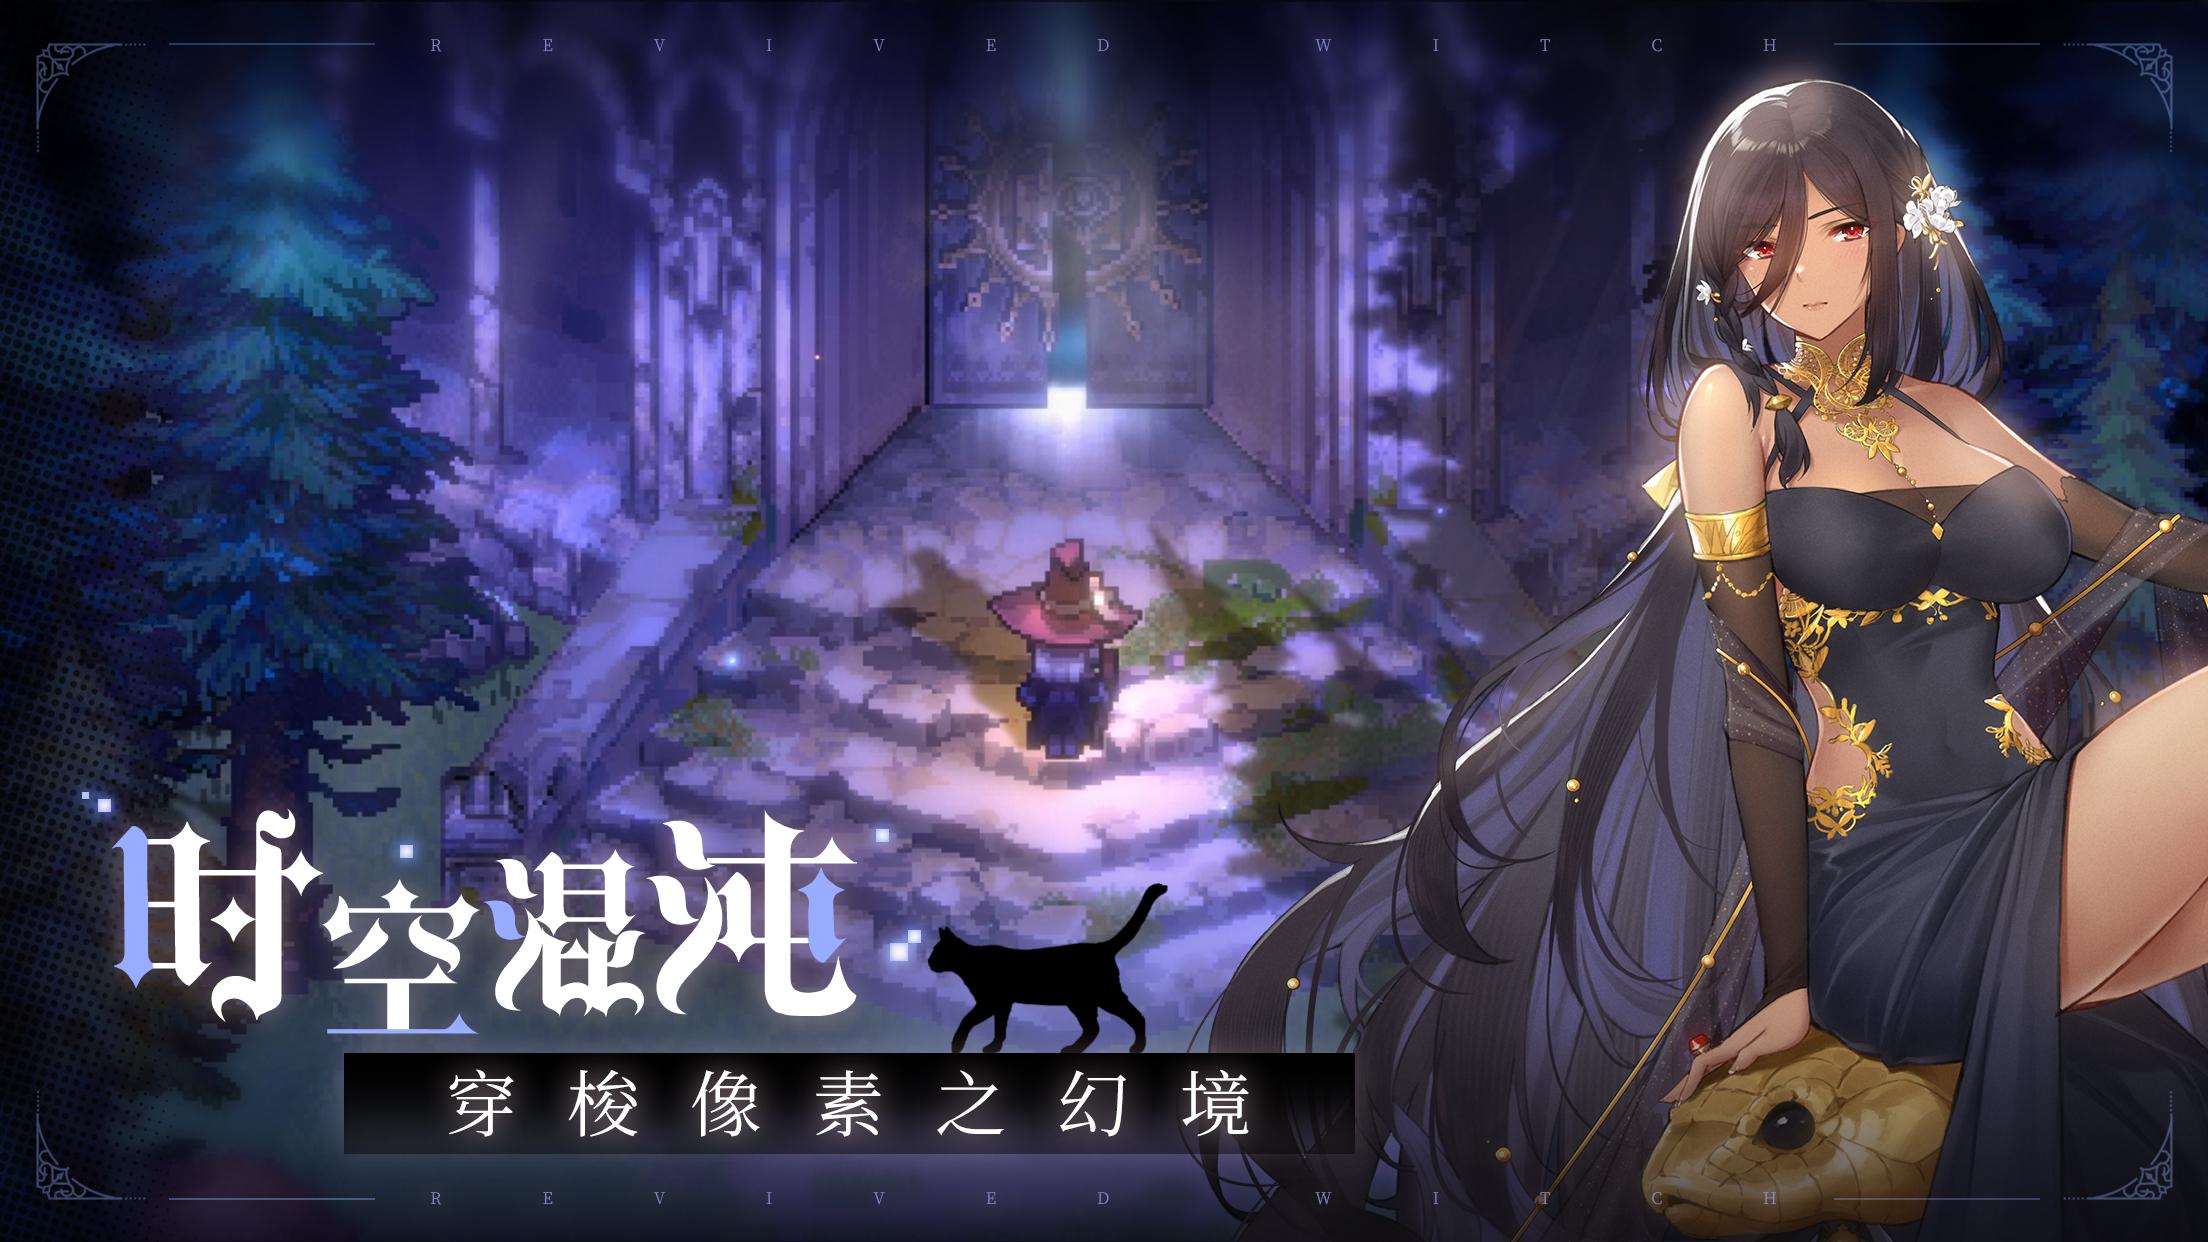 雷霆游戏代理《复苏的魔女》,唯美像素世界赴一场华丽冒险!